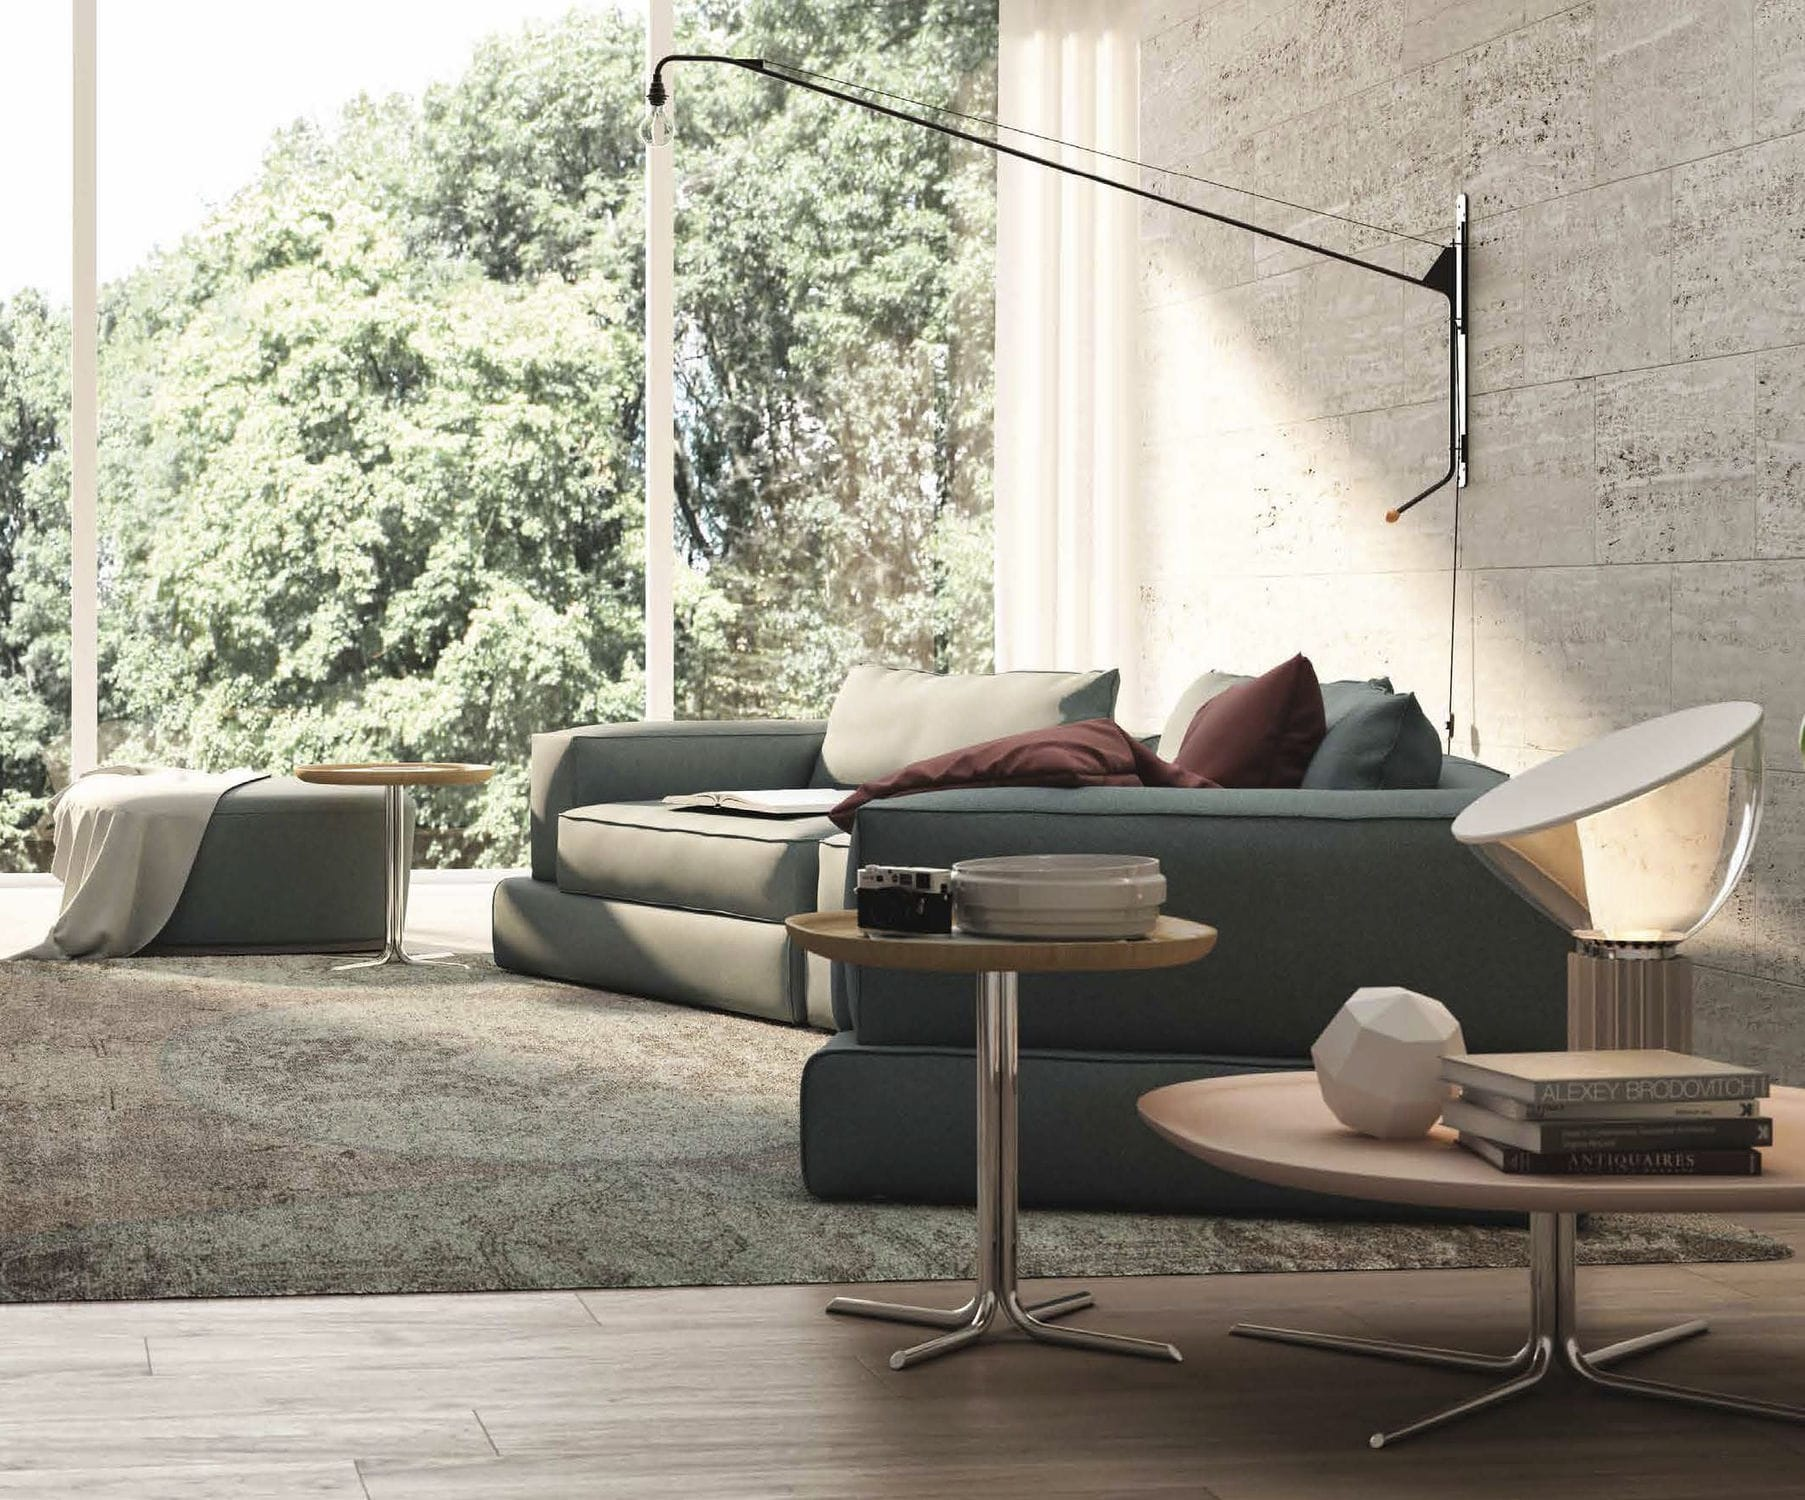 Full Size of Bett Modern Design Italienisches Puristisch Modulsofa Stoff Caresse By Adp Ki Europe Inkontinenzeinlagen Massivholz Betten Treca Sitzbank 220 X 200 Weißes Bett Bett Modern Design